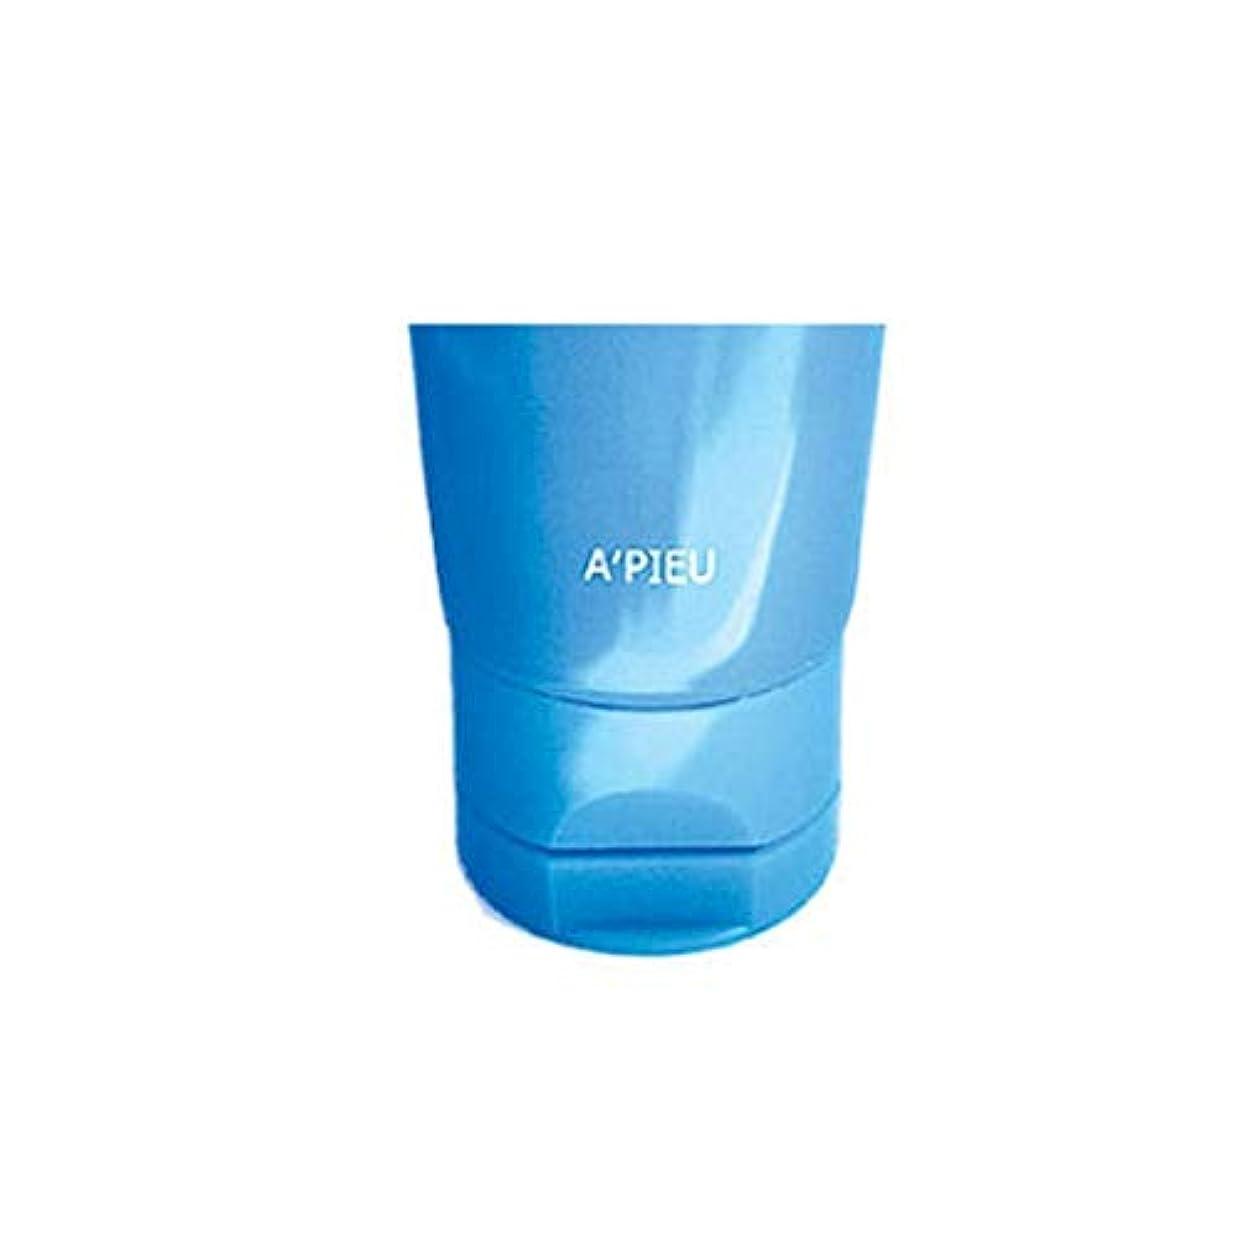 環境保護主義者暖かさなにオピュディープクリーンフォームクレンザー130mlx2本セット韓国コスメ、A'pieu Deep Clean Foam Cleanser 130ml x 2ea Set Korean Cosmetics [並行輸入品]